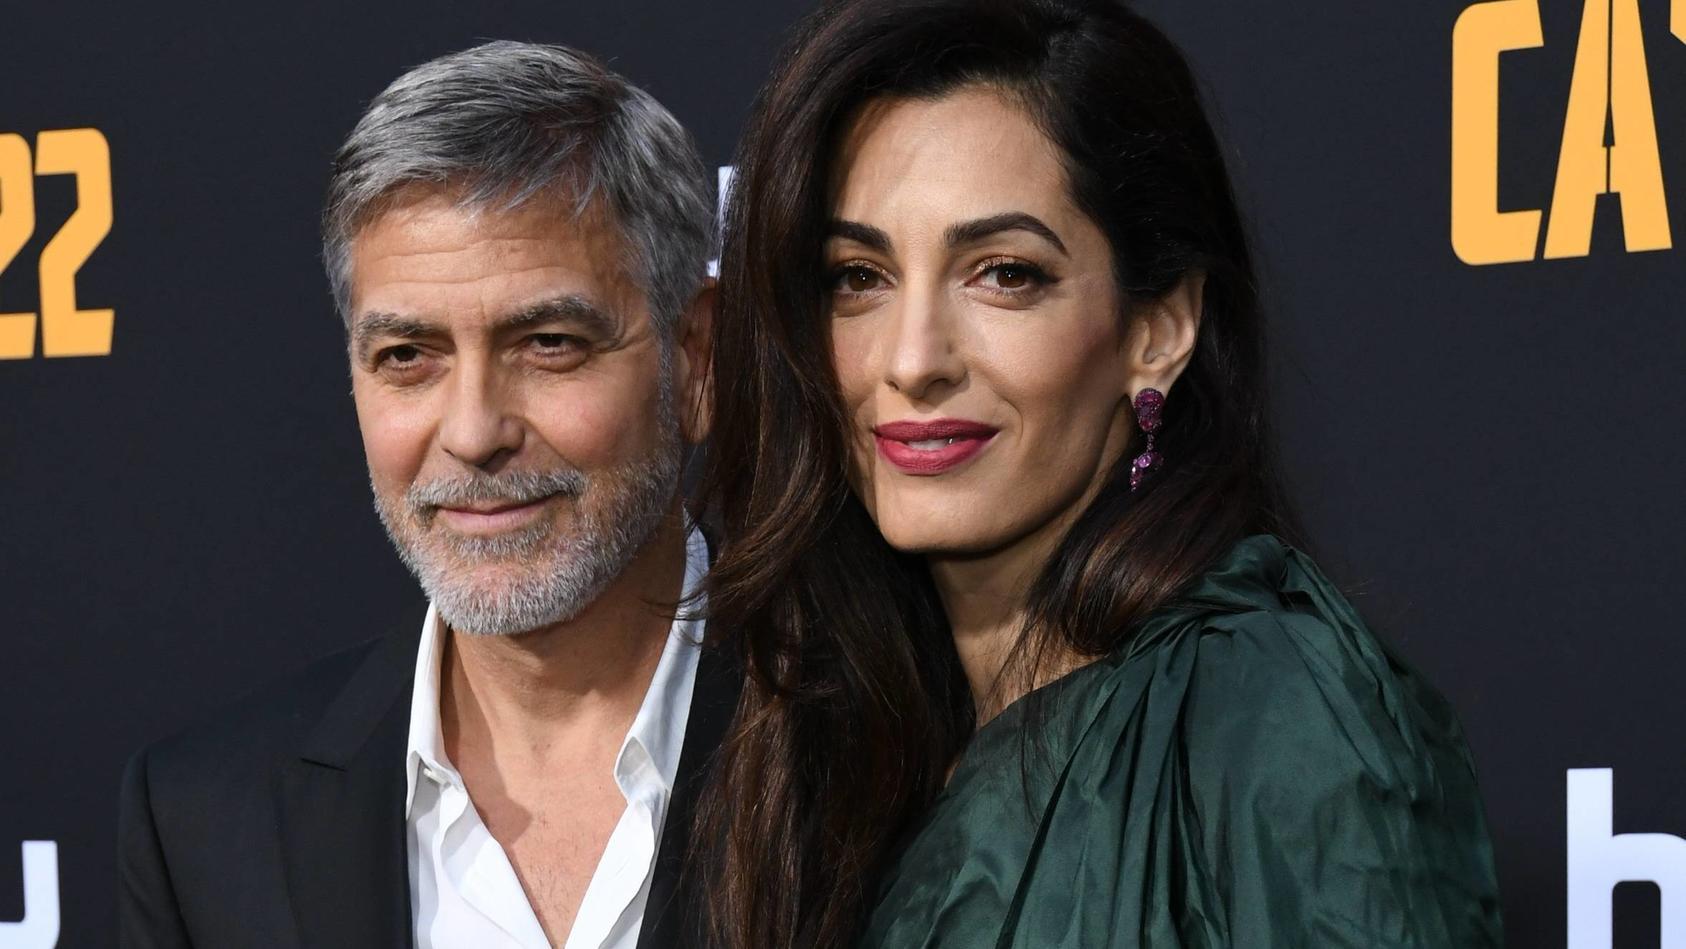 George Clooney mit seiner Frau Amal Clooney